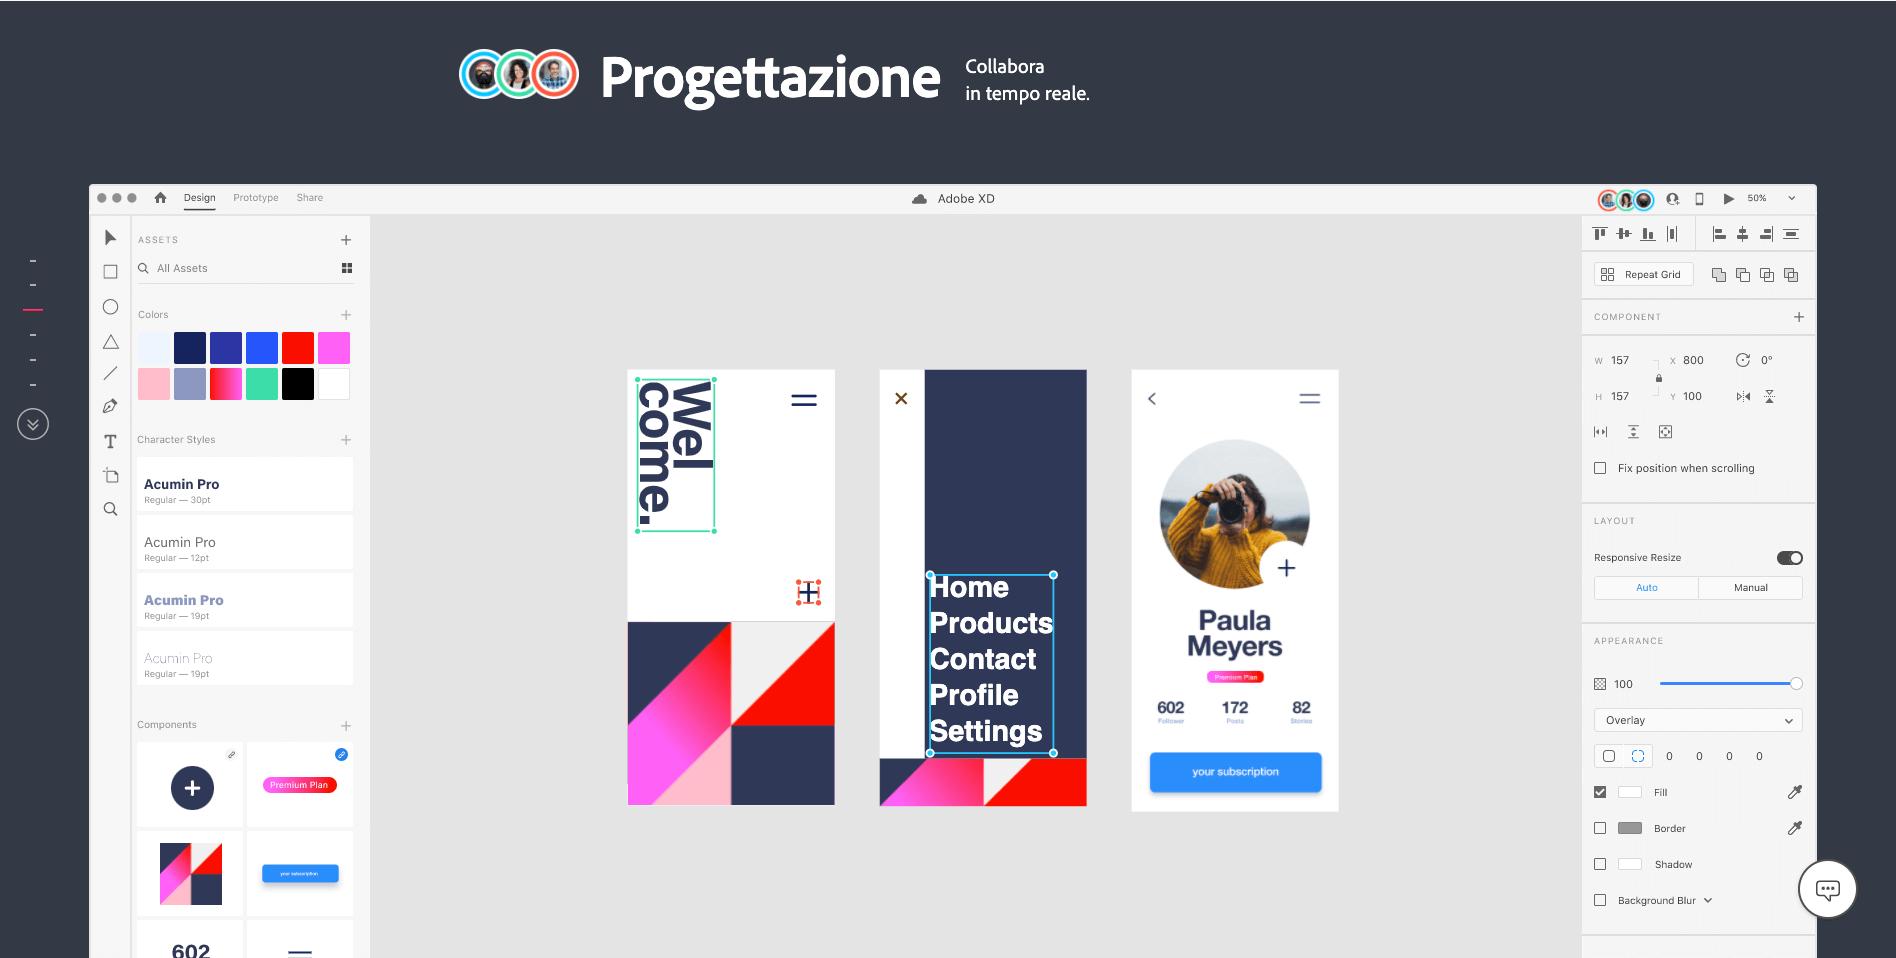 Adobe XD - Co-design progettazione